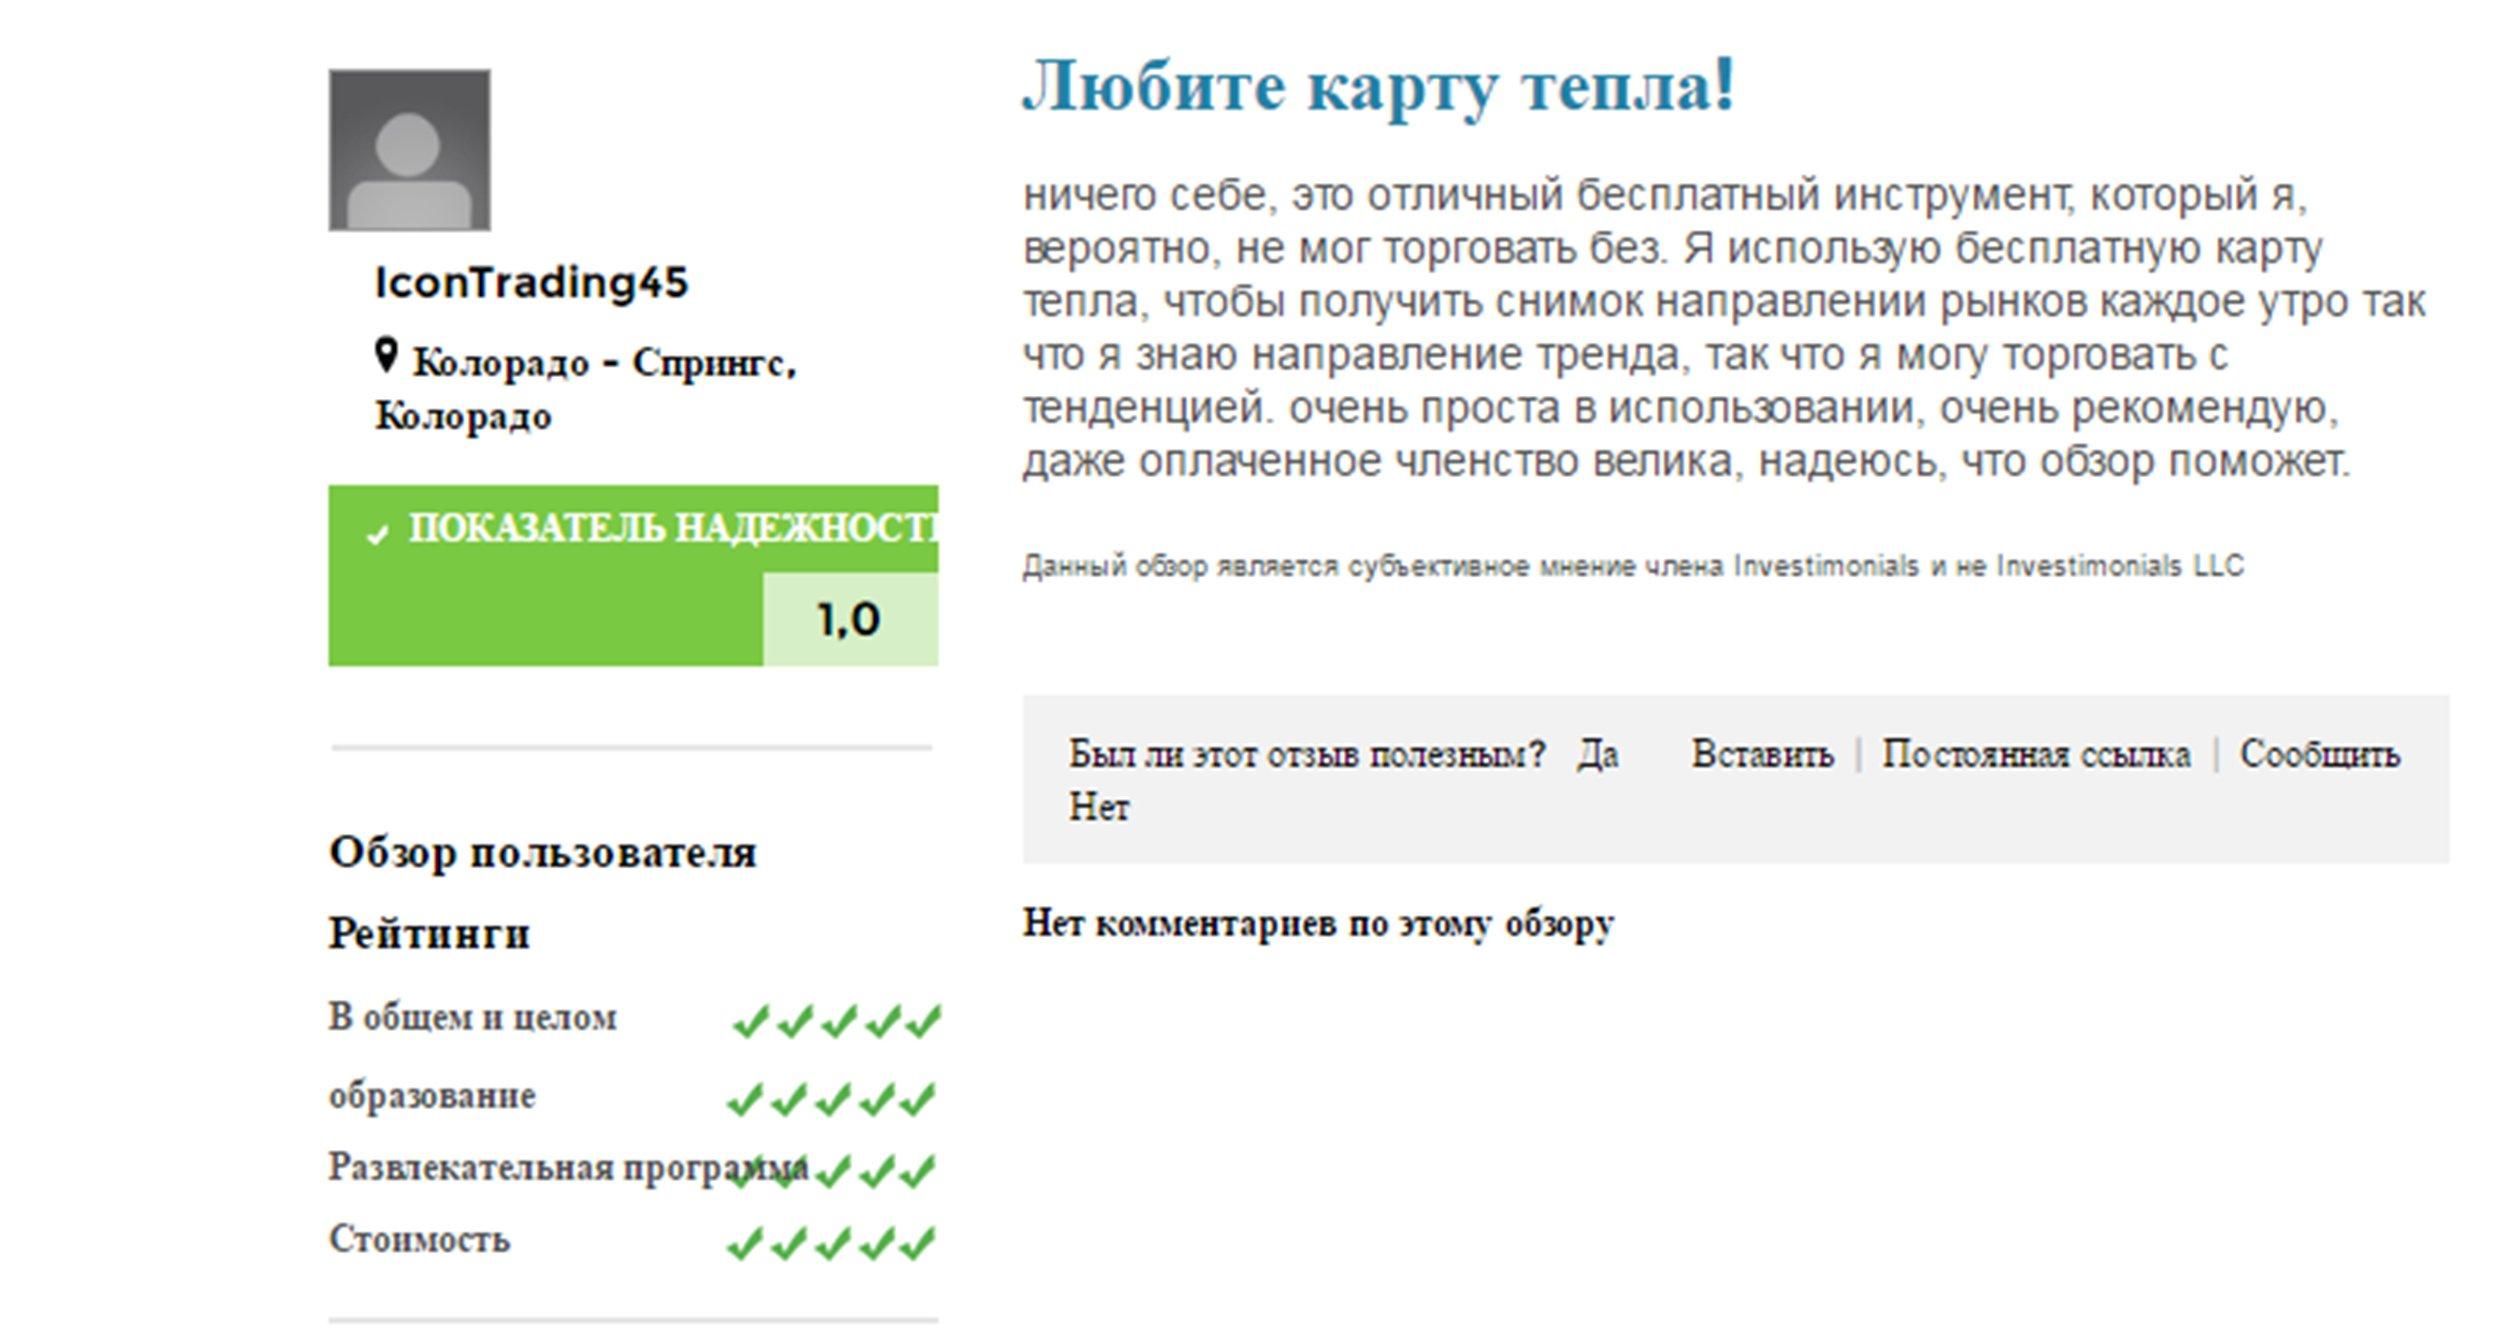 Отзывы о сайте finviz.com